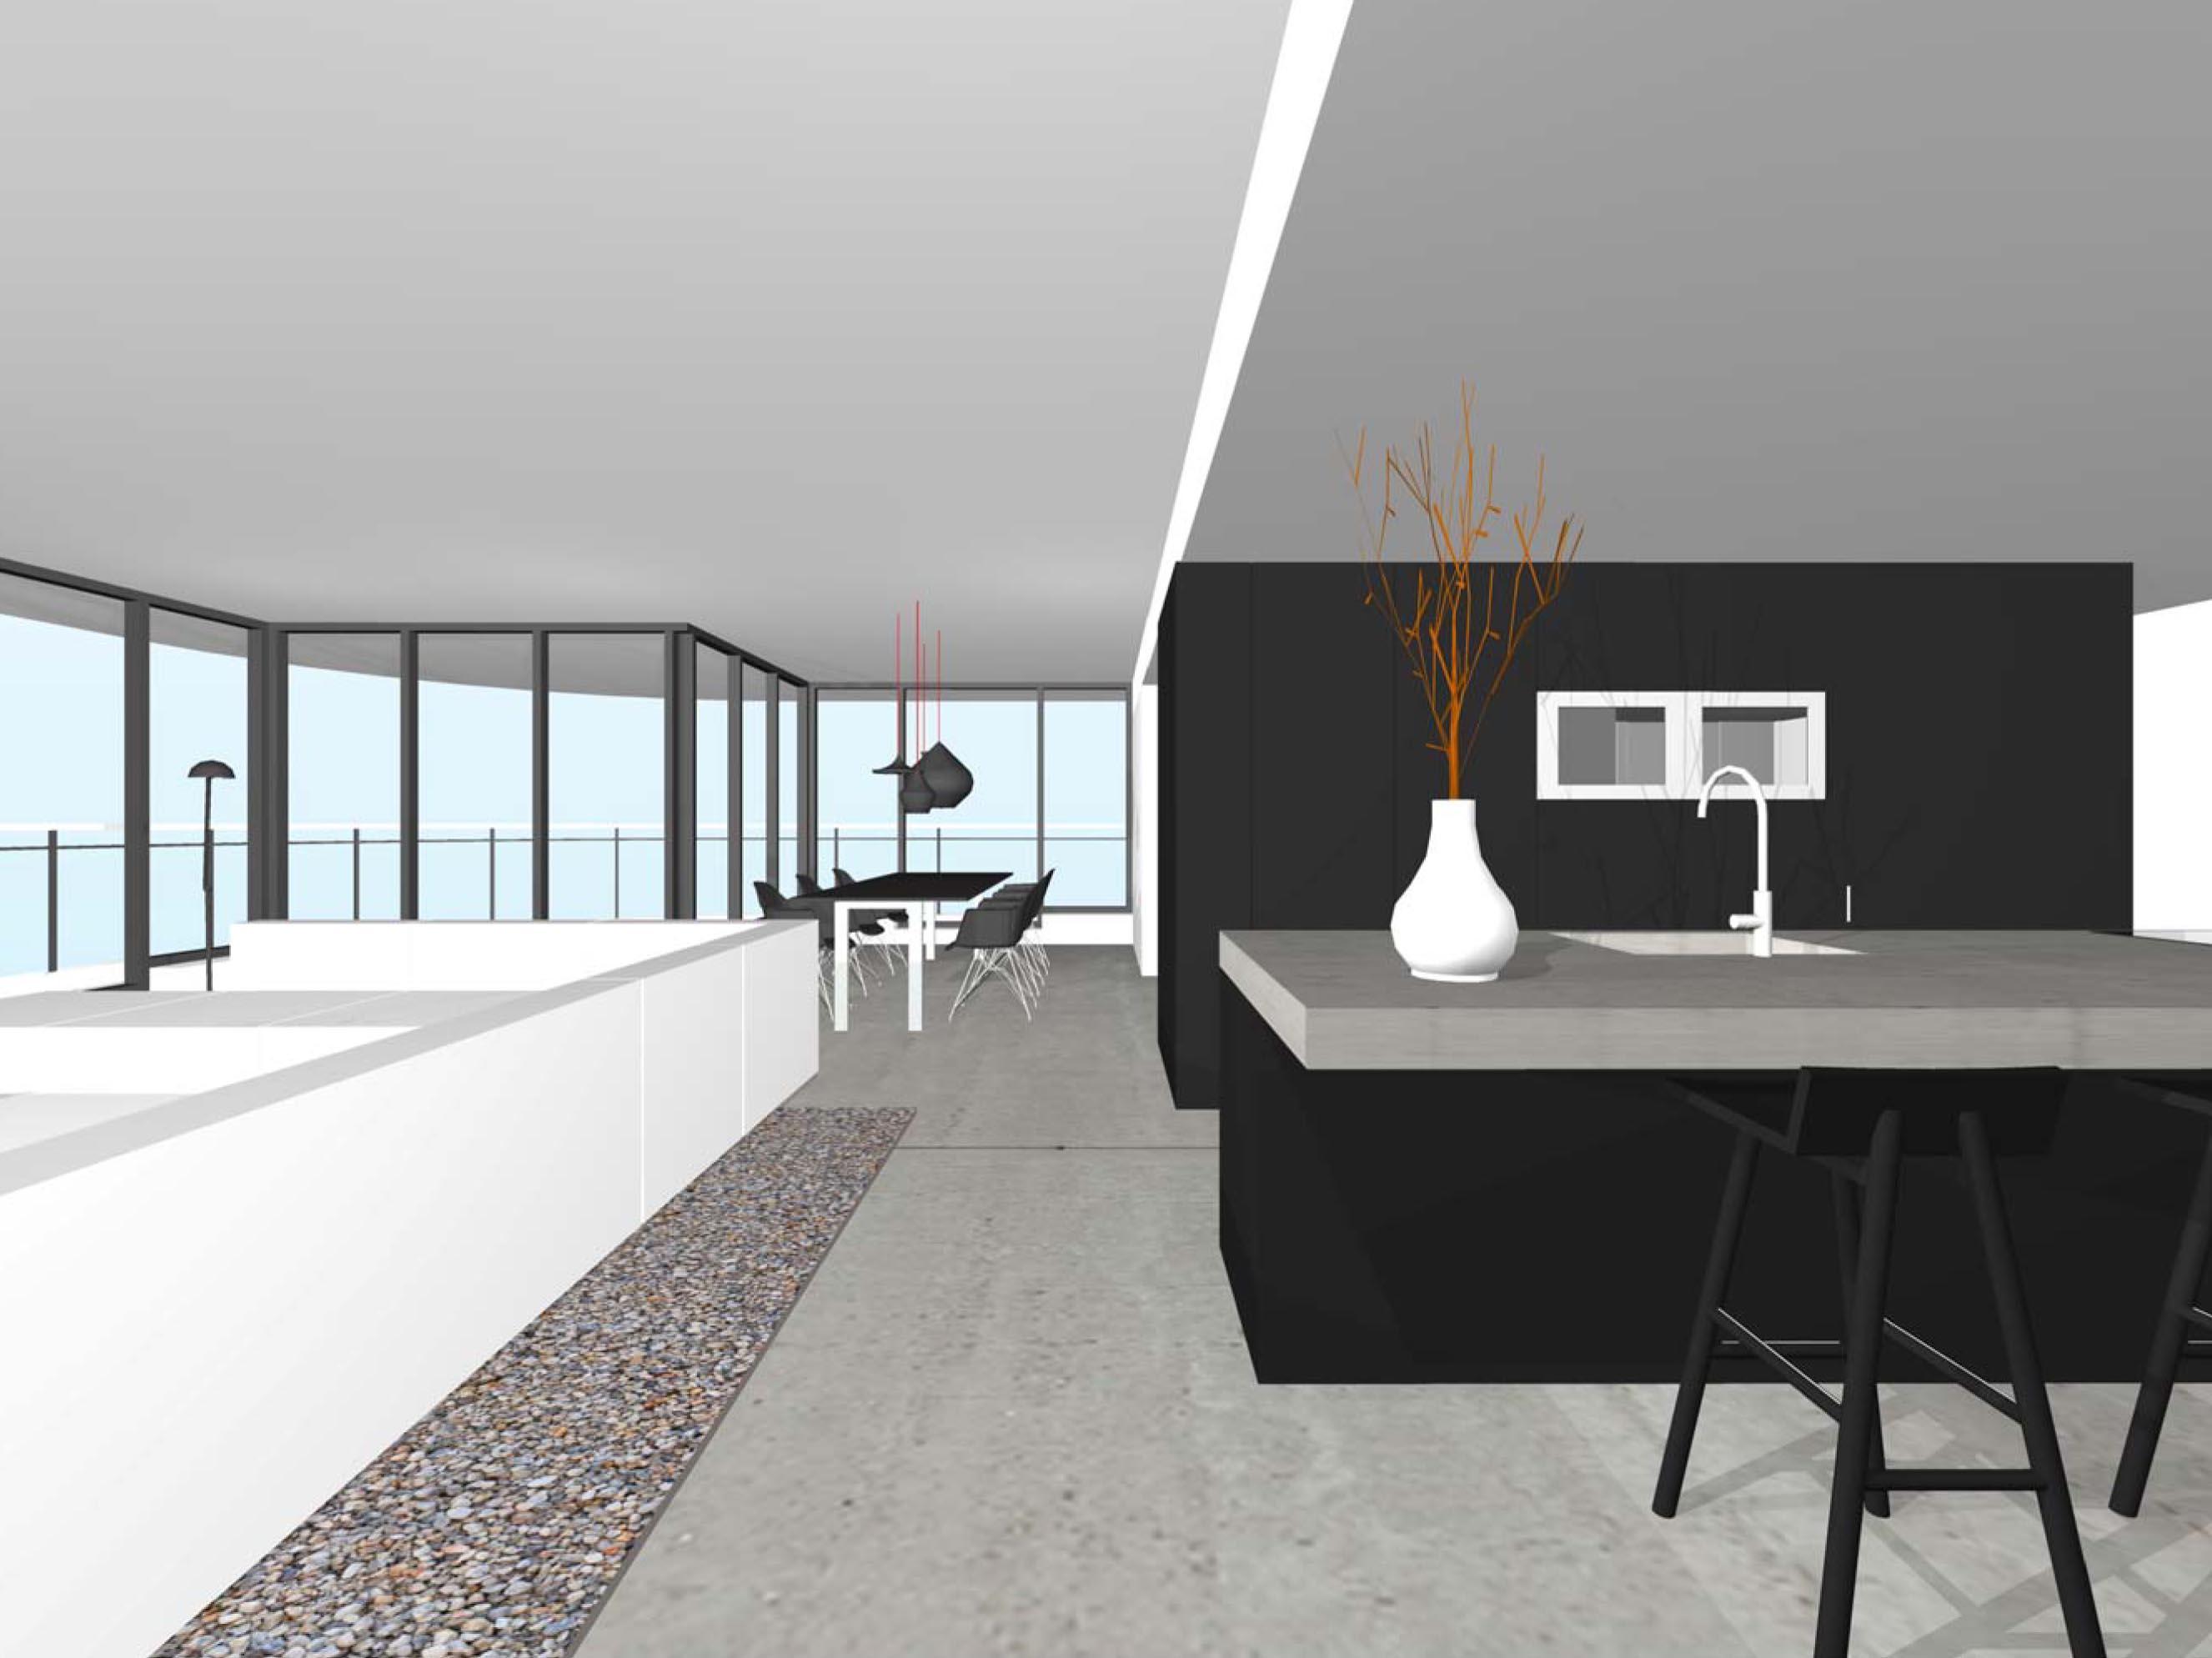 Design interieur penthouse ontwerp architect d fraai modern